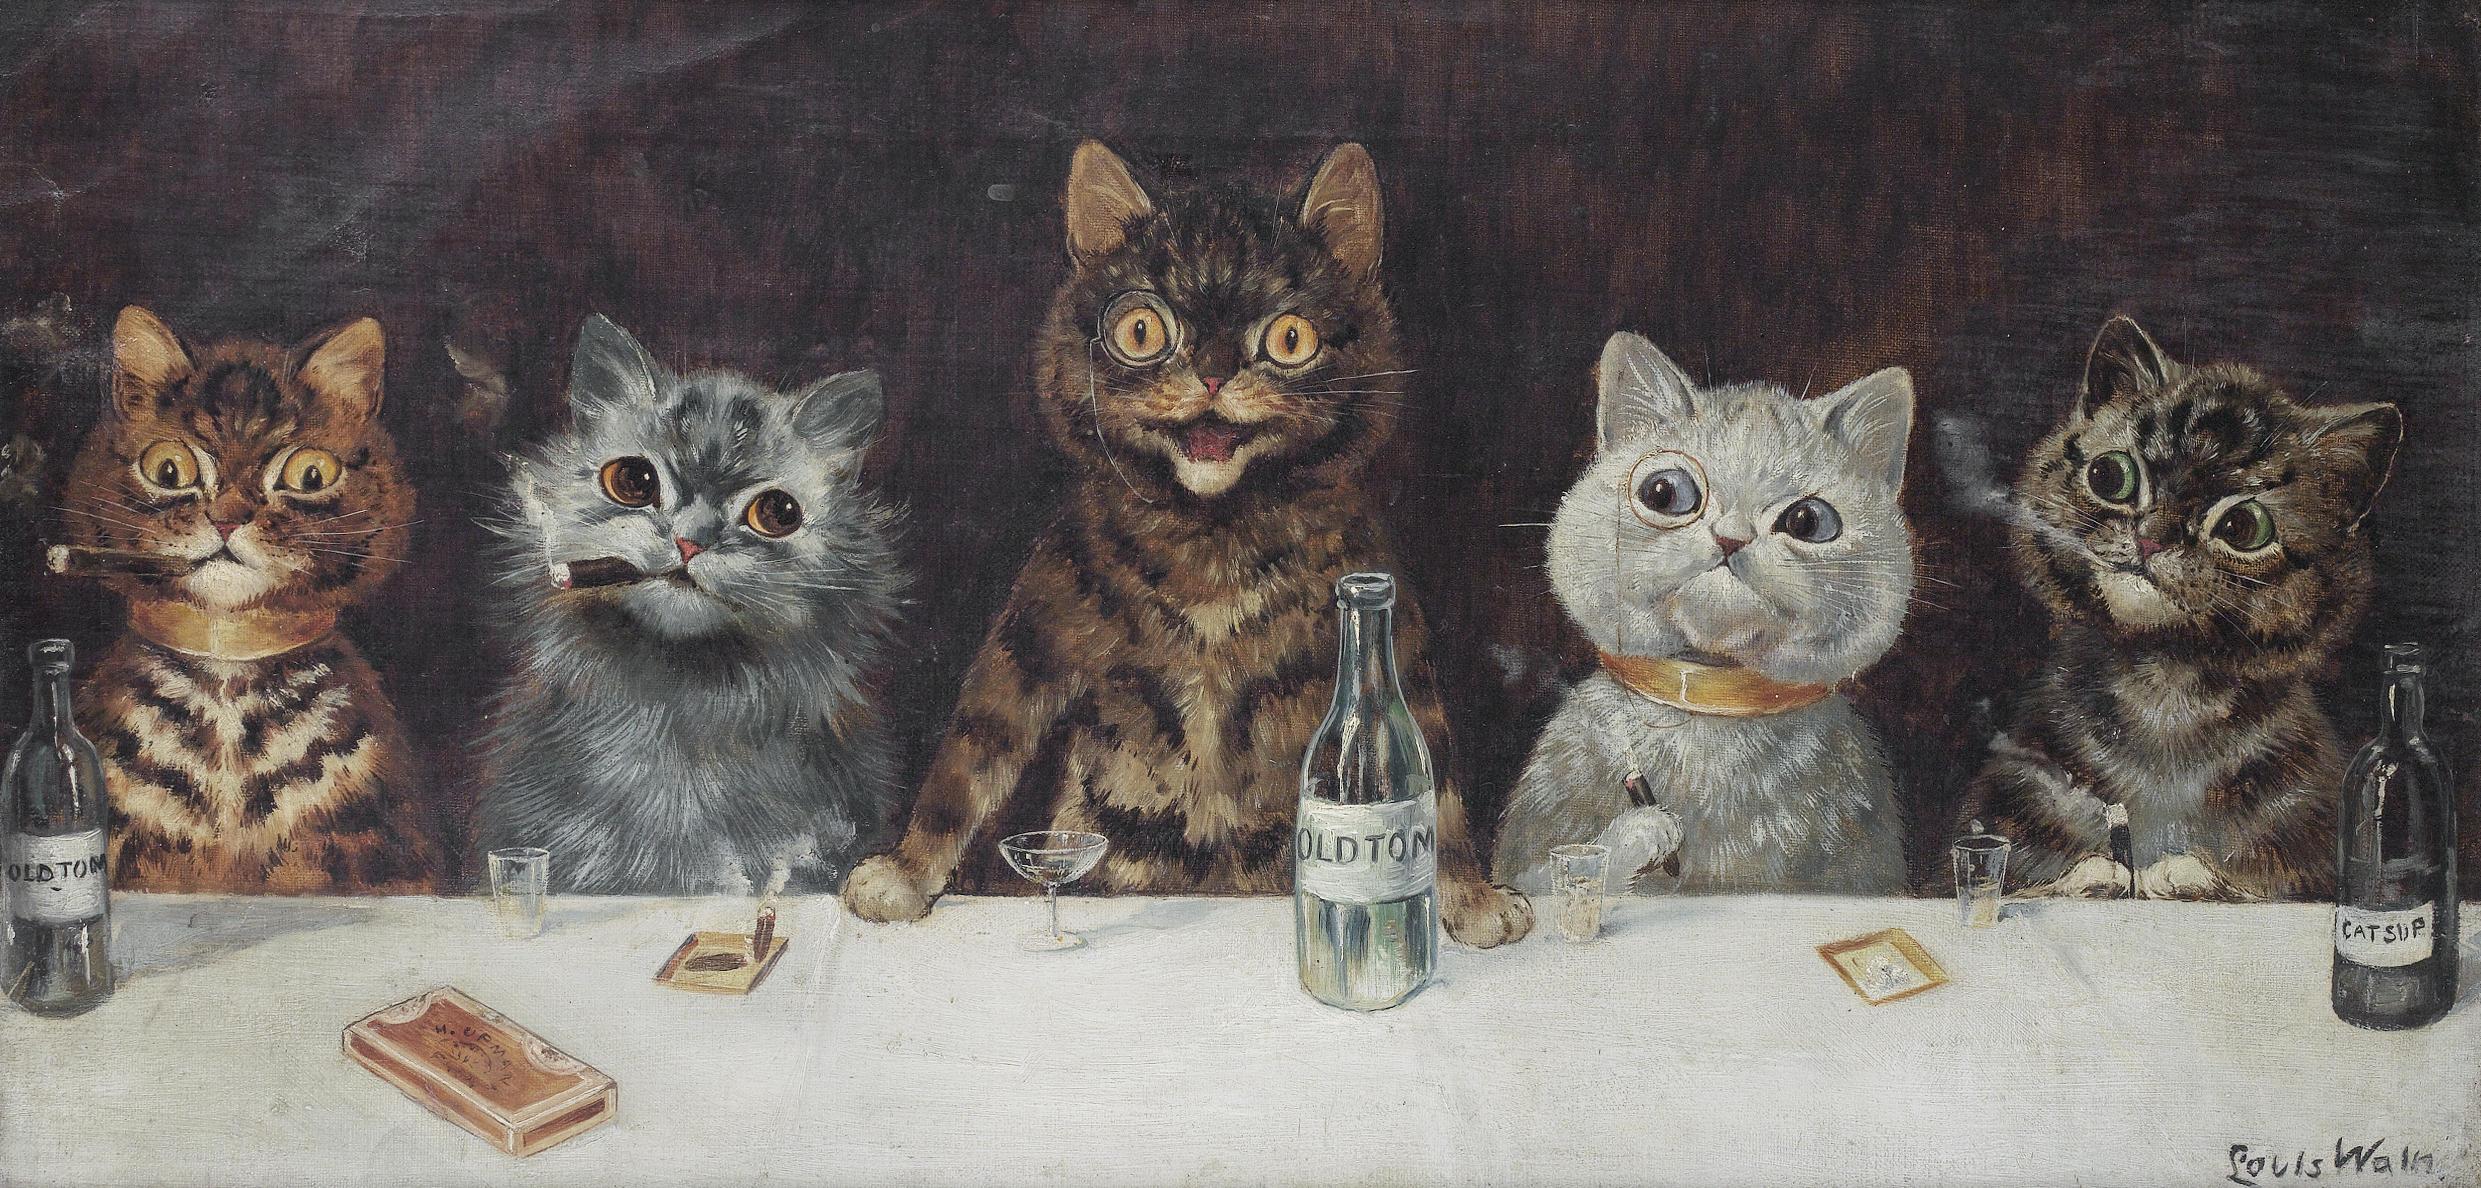 Louis Wain: Las tétricas pinturas de gatos de un artista ...